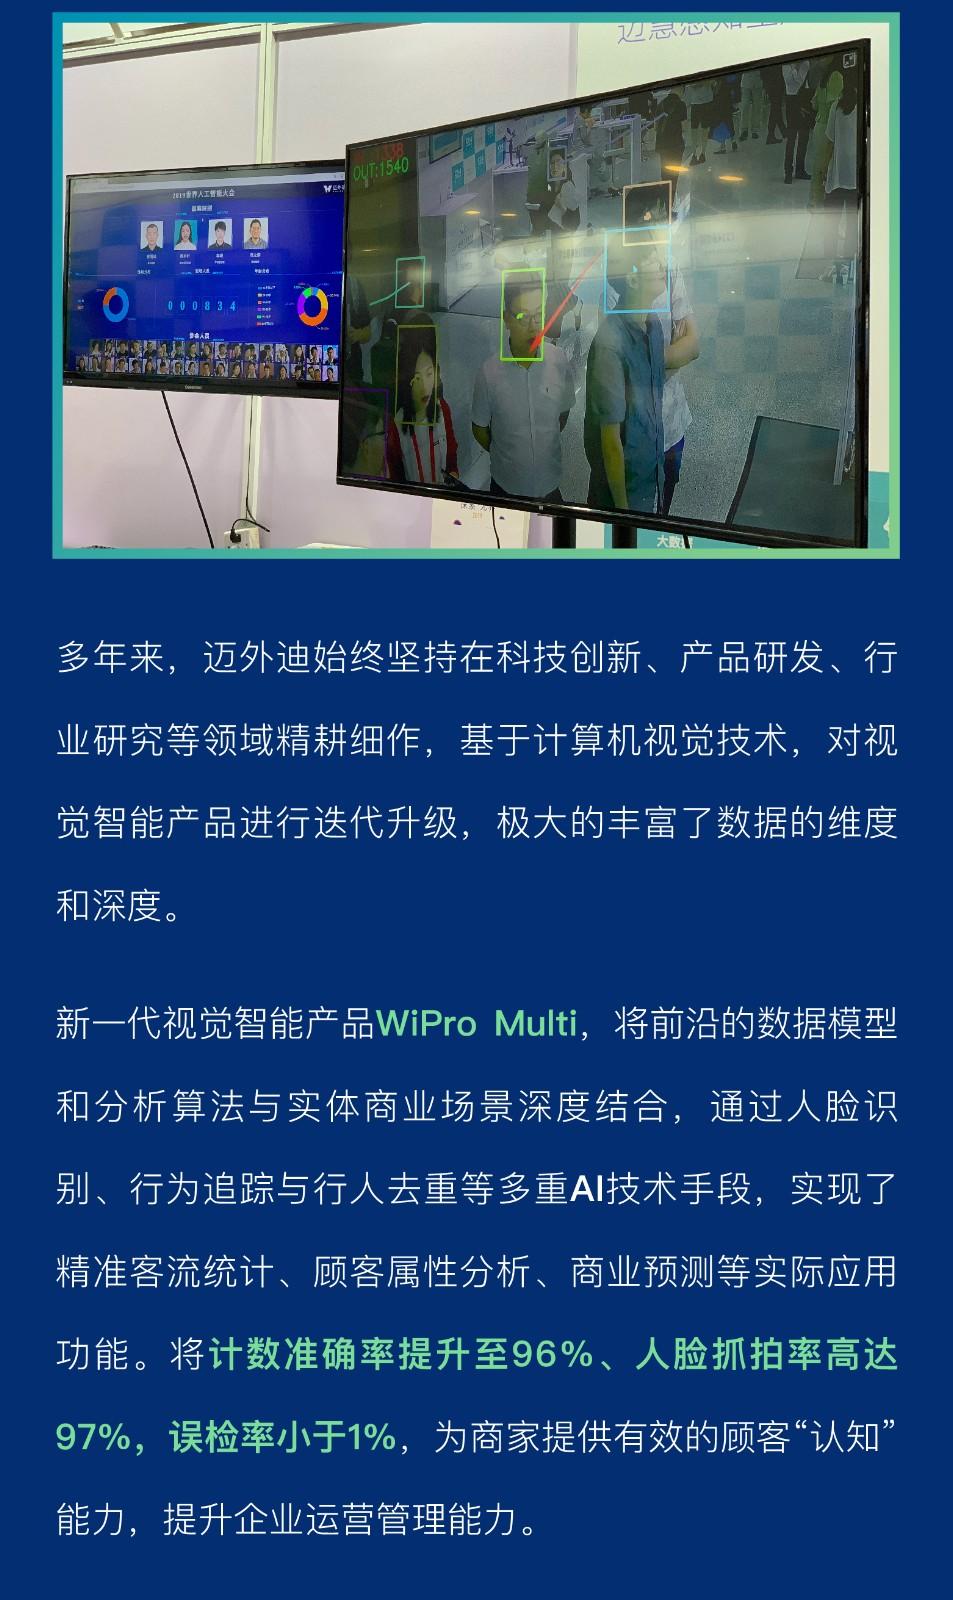 20190829人工智能大会长图_画板-1_03.jpg